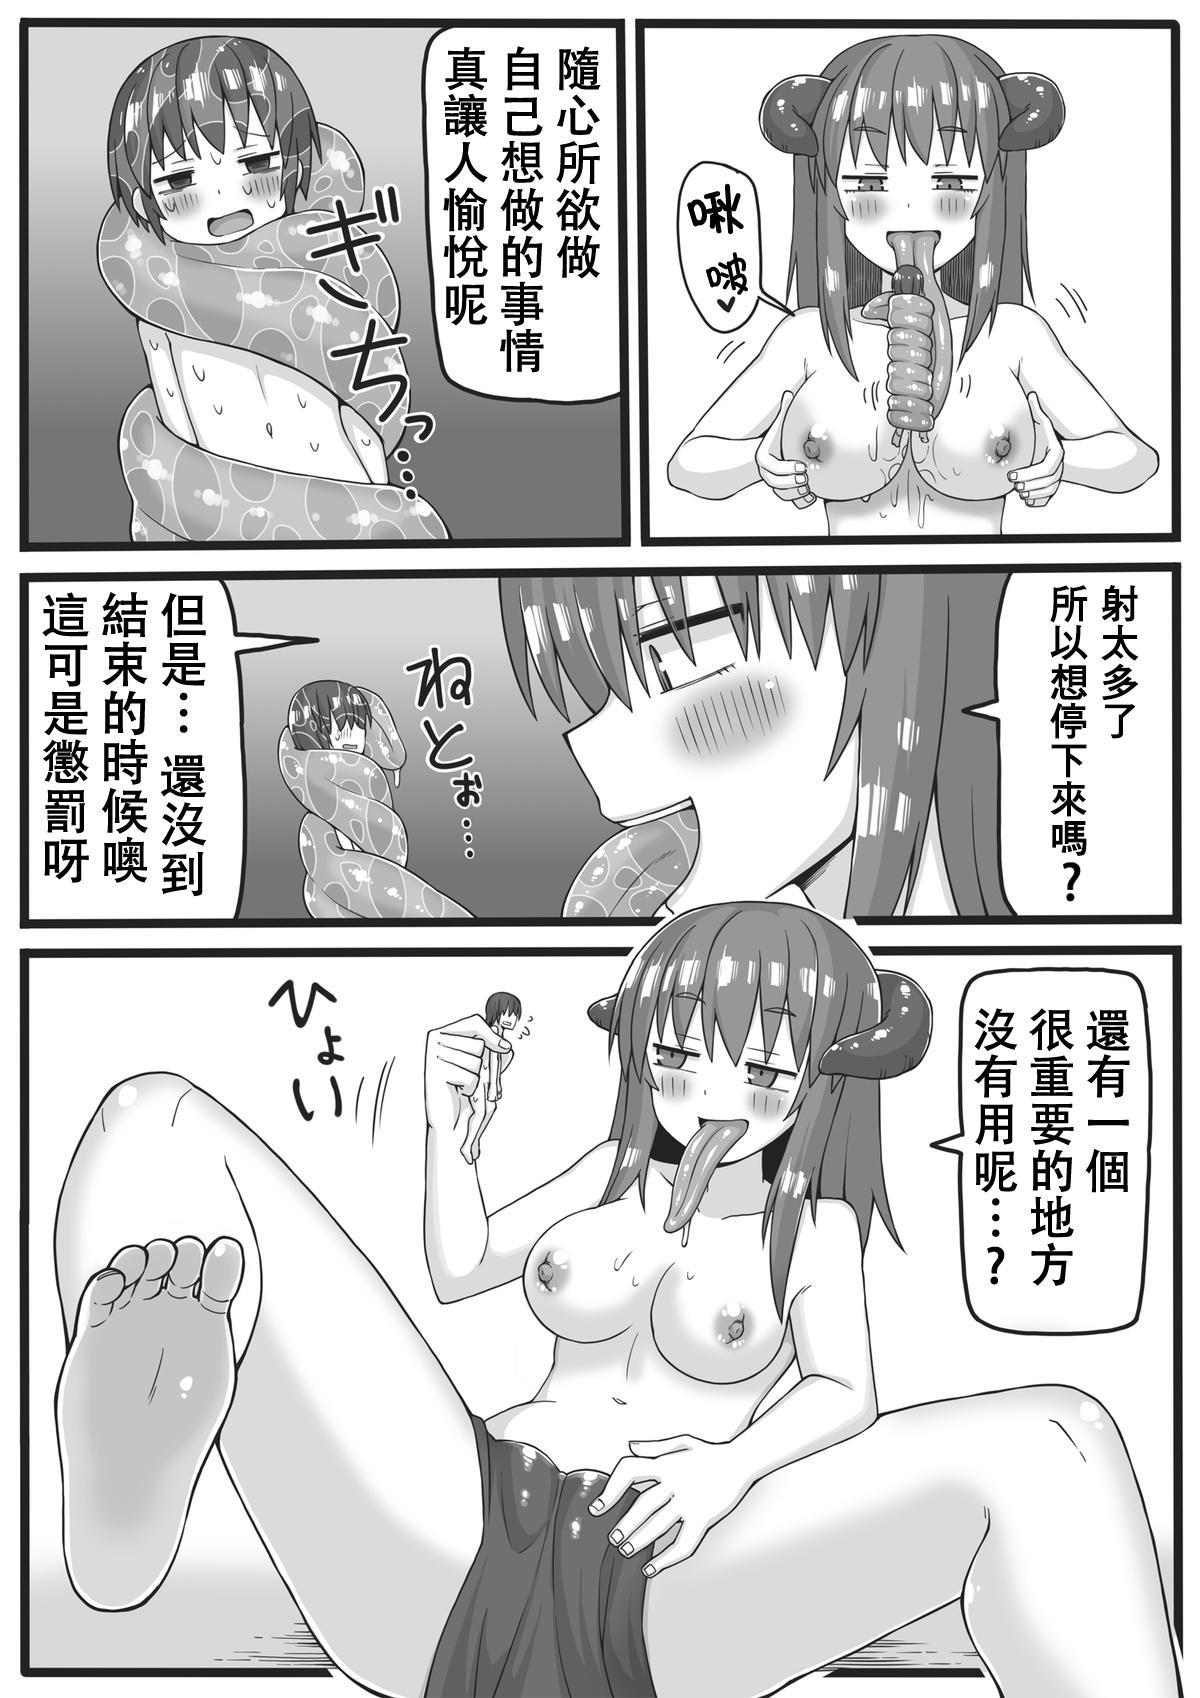 Yuusha ga Chiisaku Ecchi na Koto o Sarete Shimau Manga 16